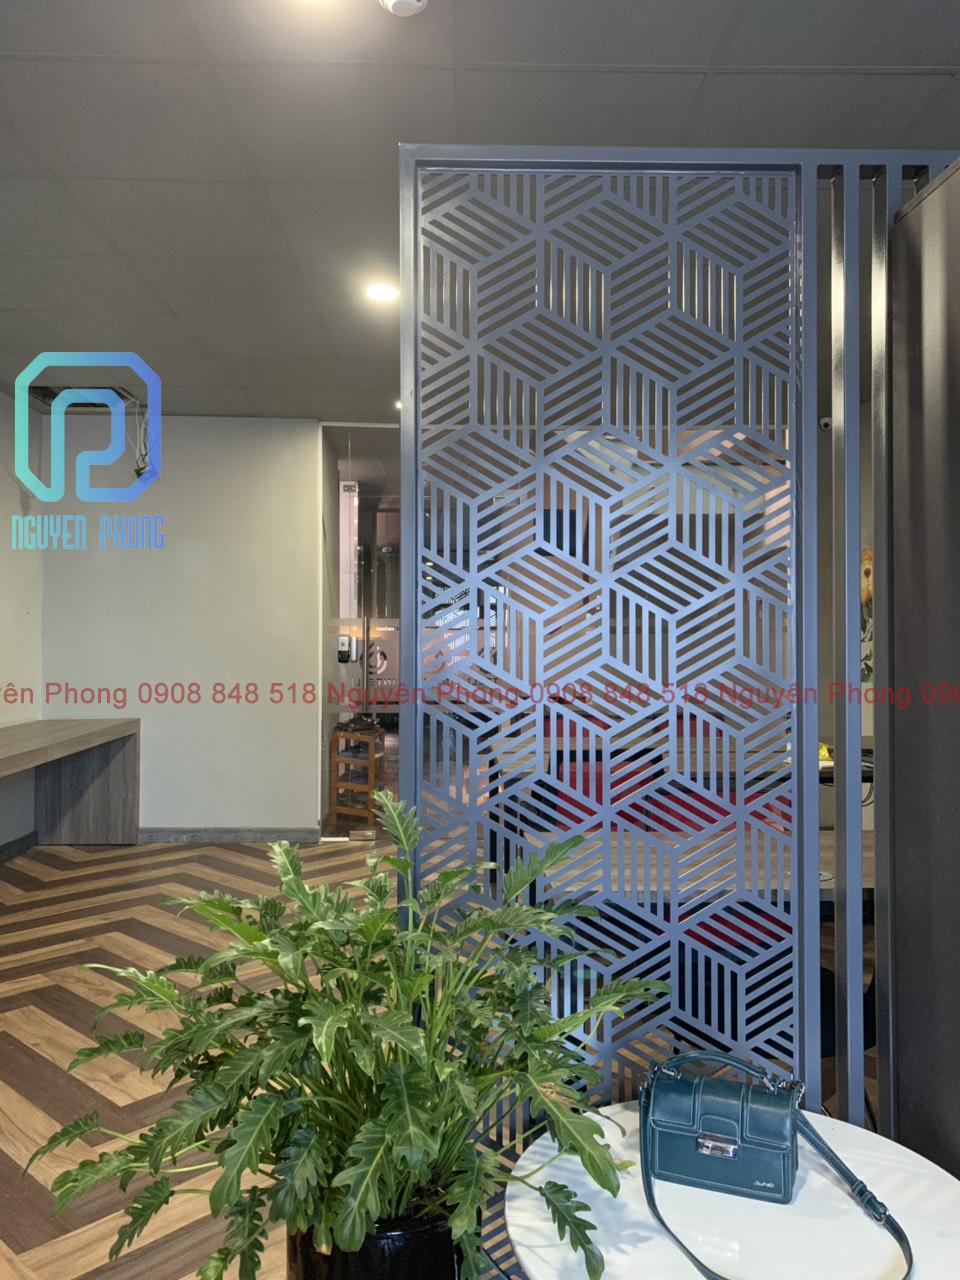 Vách ngăn kim loại cắt CNC hoa văn theo yêu cầu, sơn epoxy bền đẹp cho văn phòng